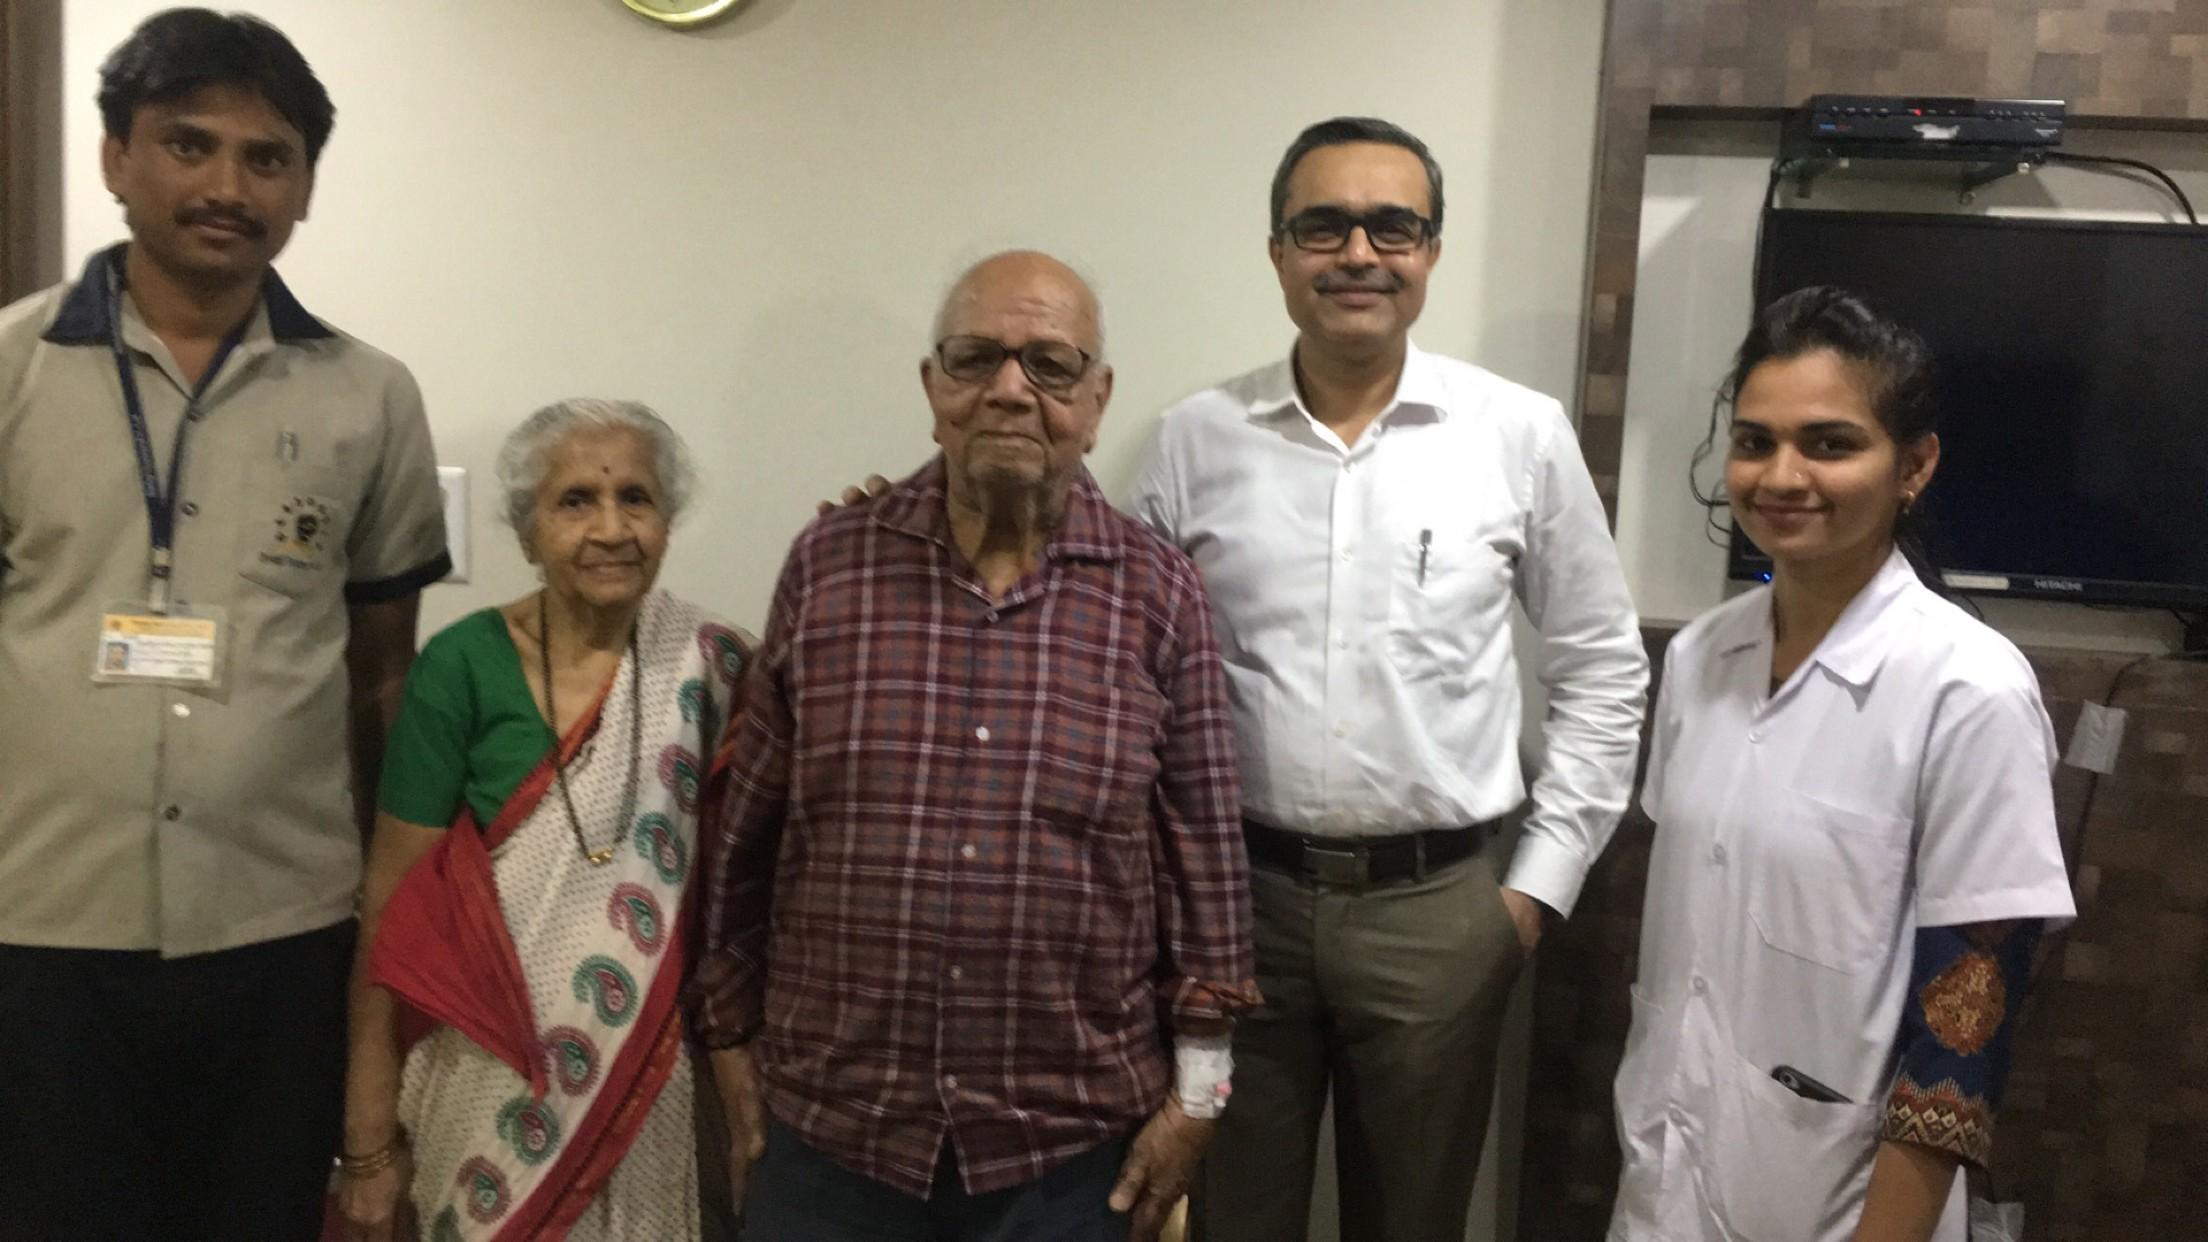 ९२ वर्षांच्या आजोबांवर टोटल नी रिप्लेसमेंट सर्जरी यशस्वी